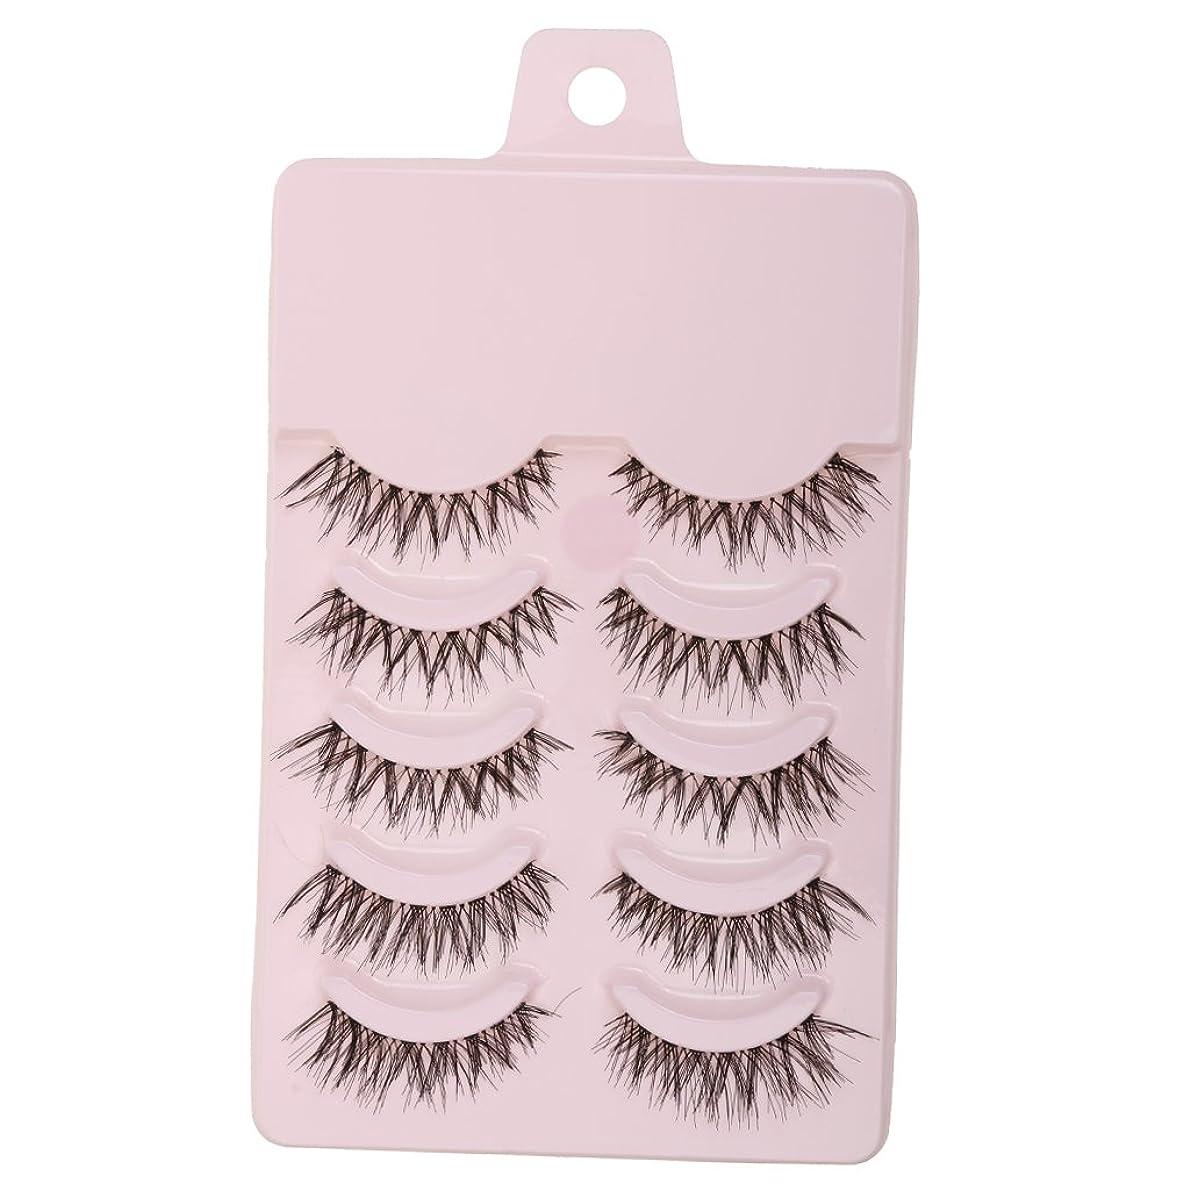 桁急性フリンジKOZEEY美容 メイク 手作り メッシー クロス スタイル つけまつげ 5色選ぶ - ピンク